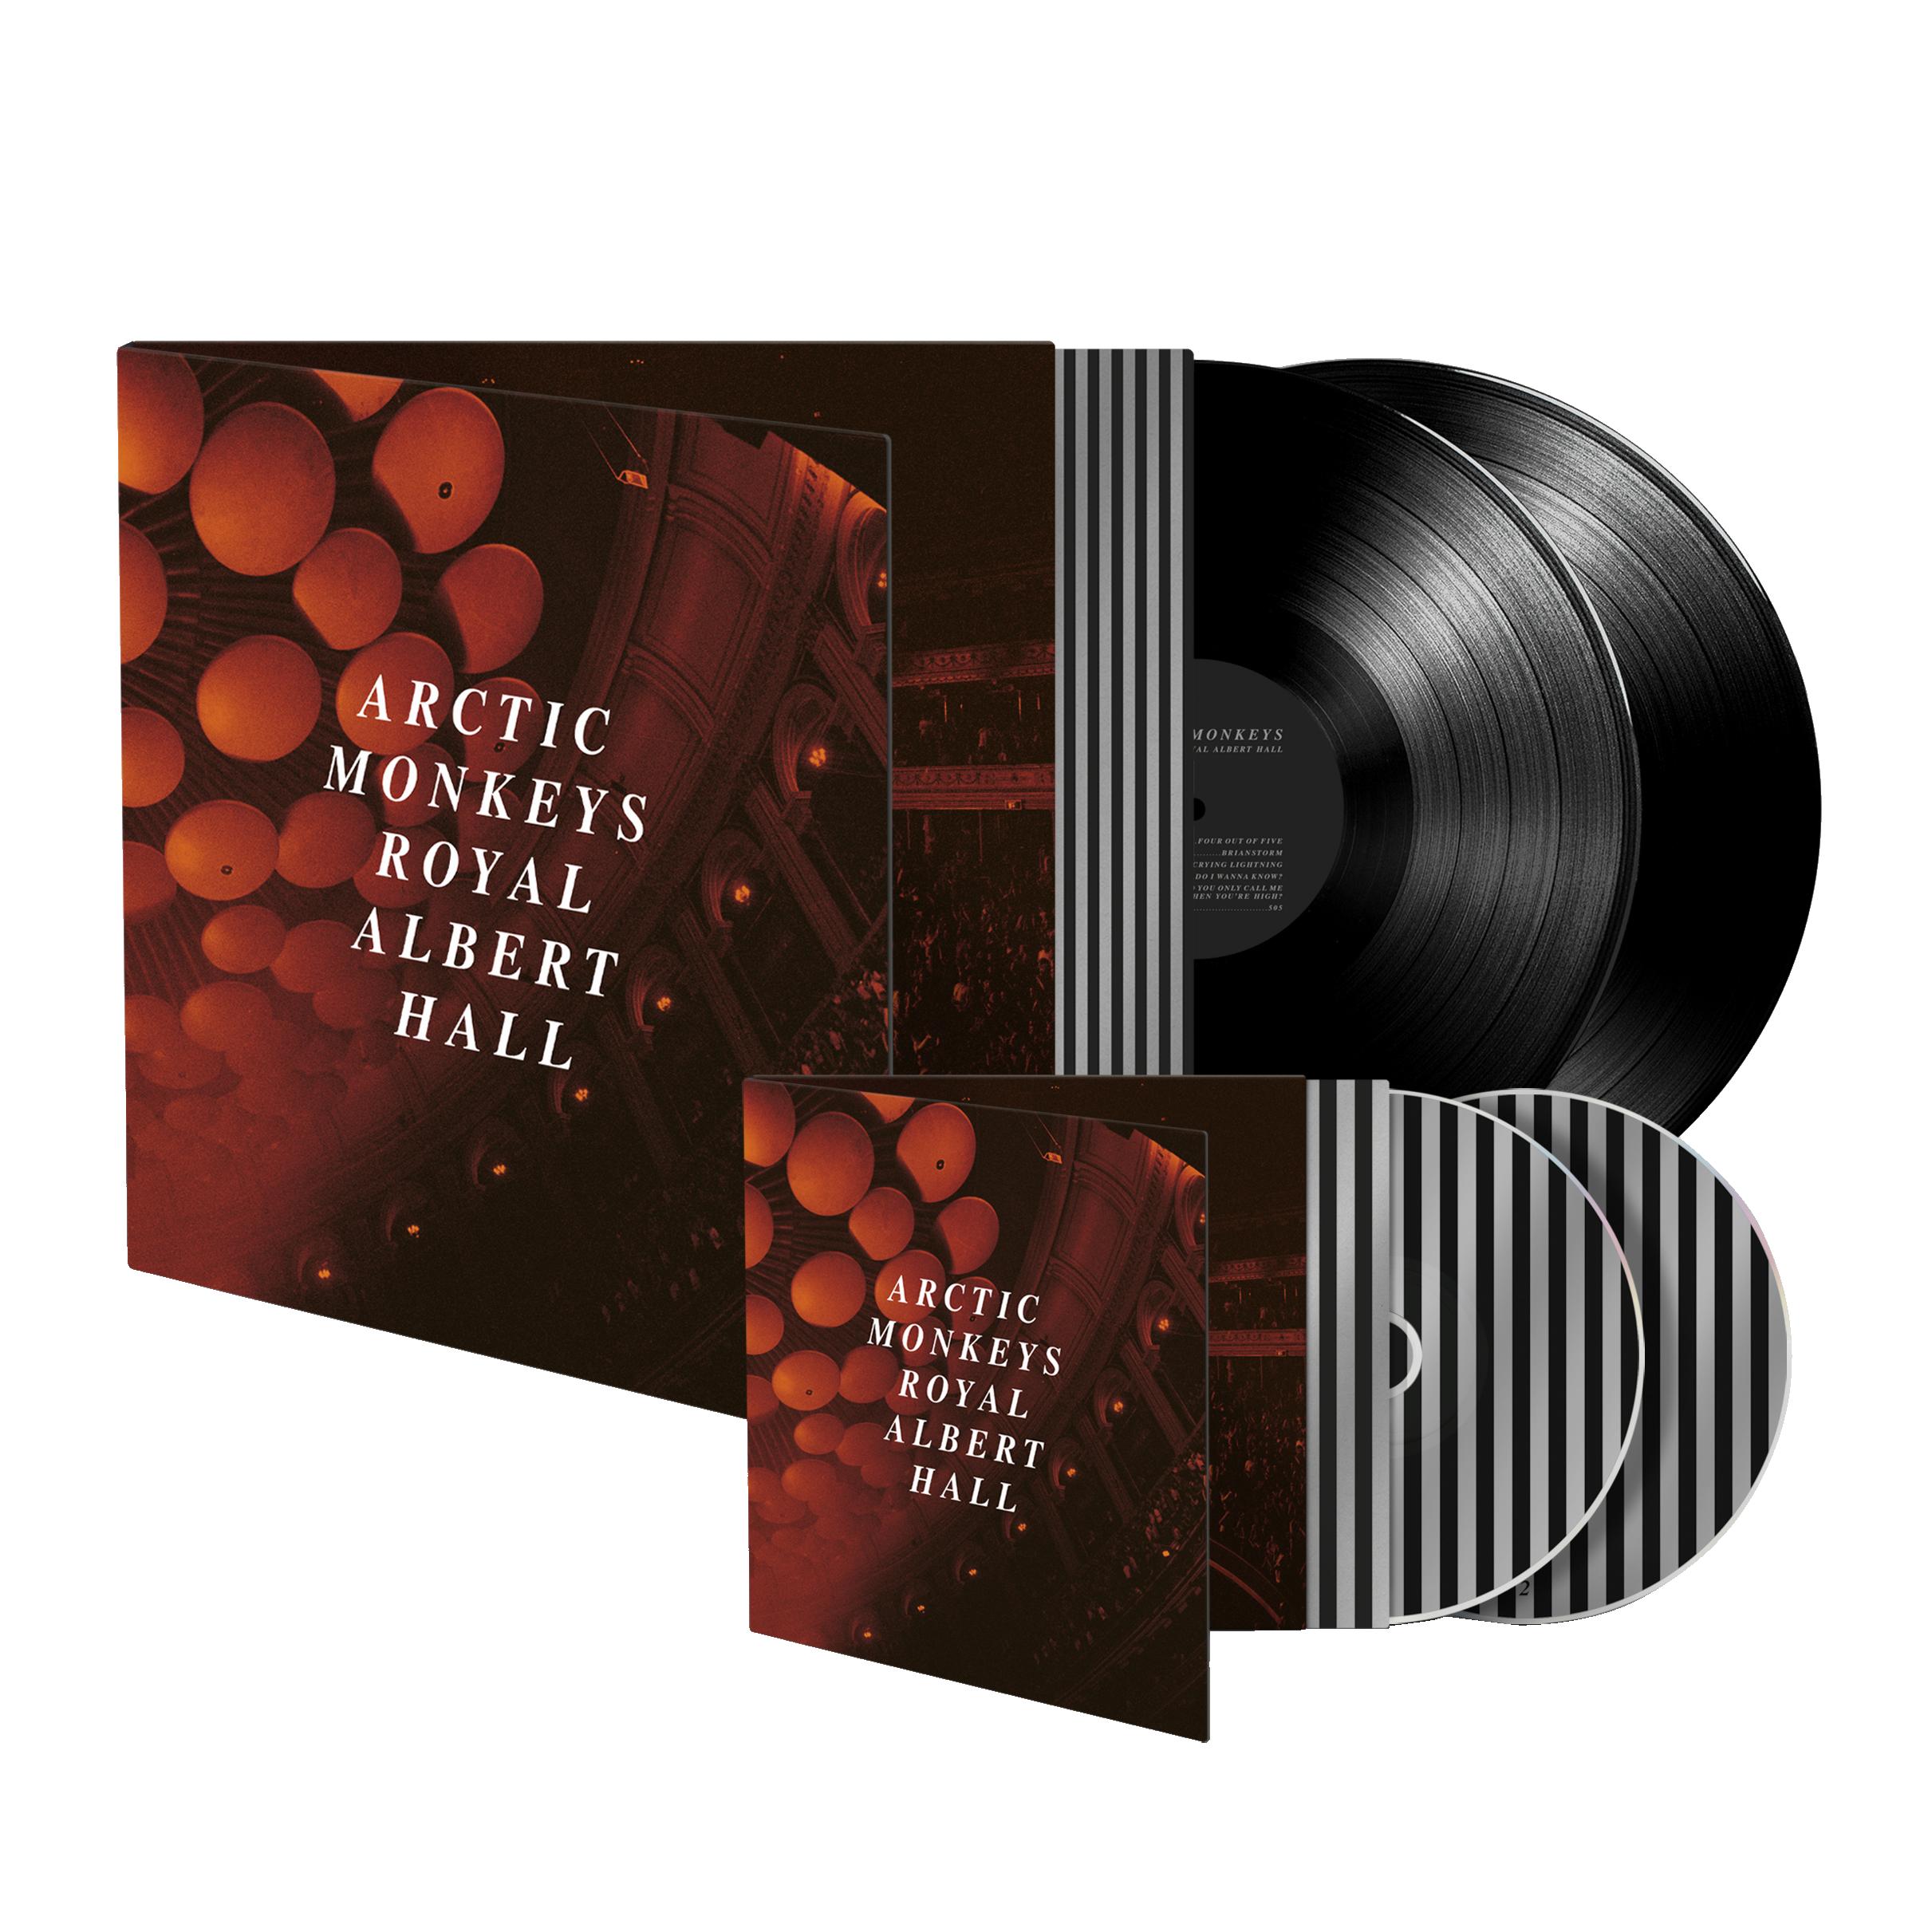 Double LP / CD BundleHeavyweight Black Vinyl20 TracksGatefold Sleeve